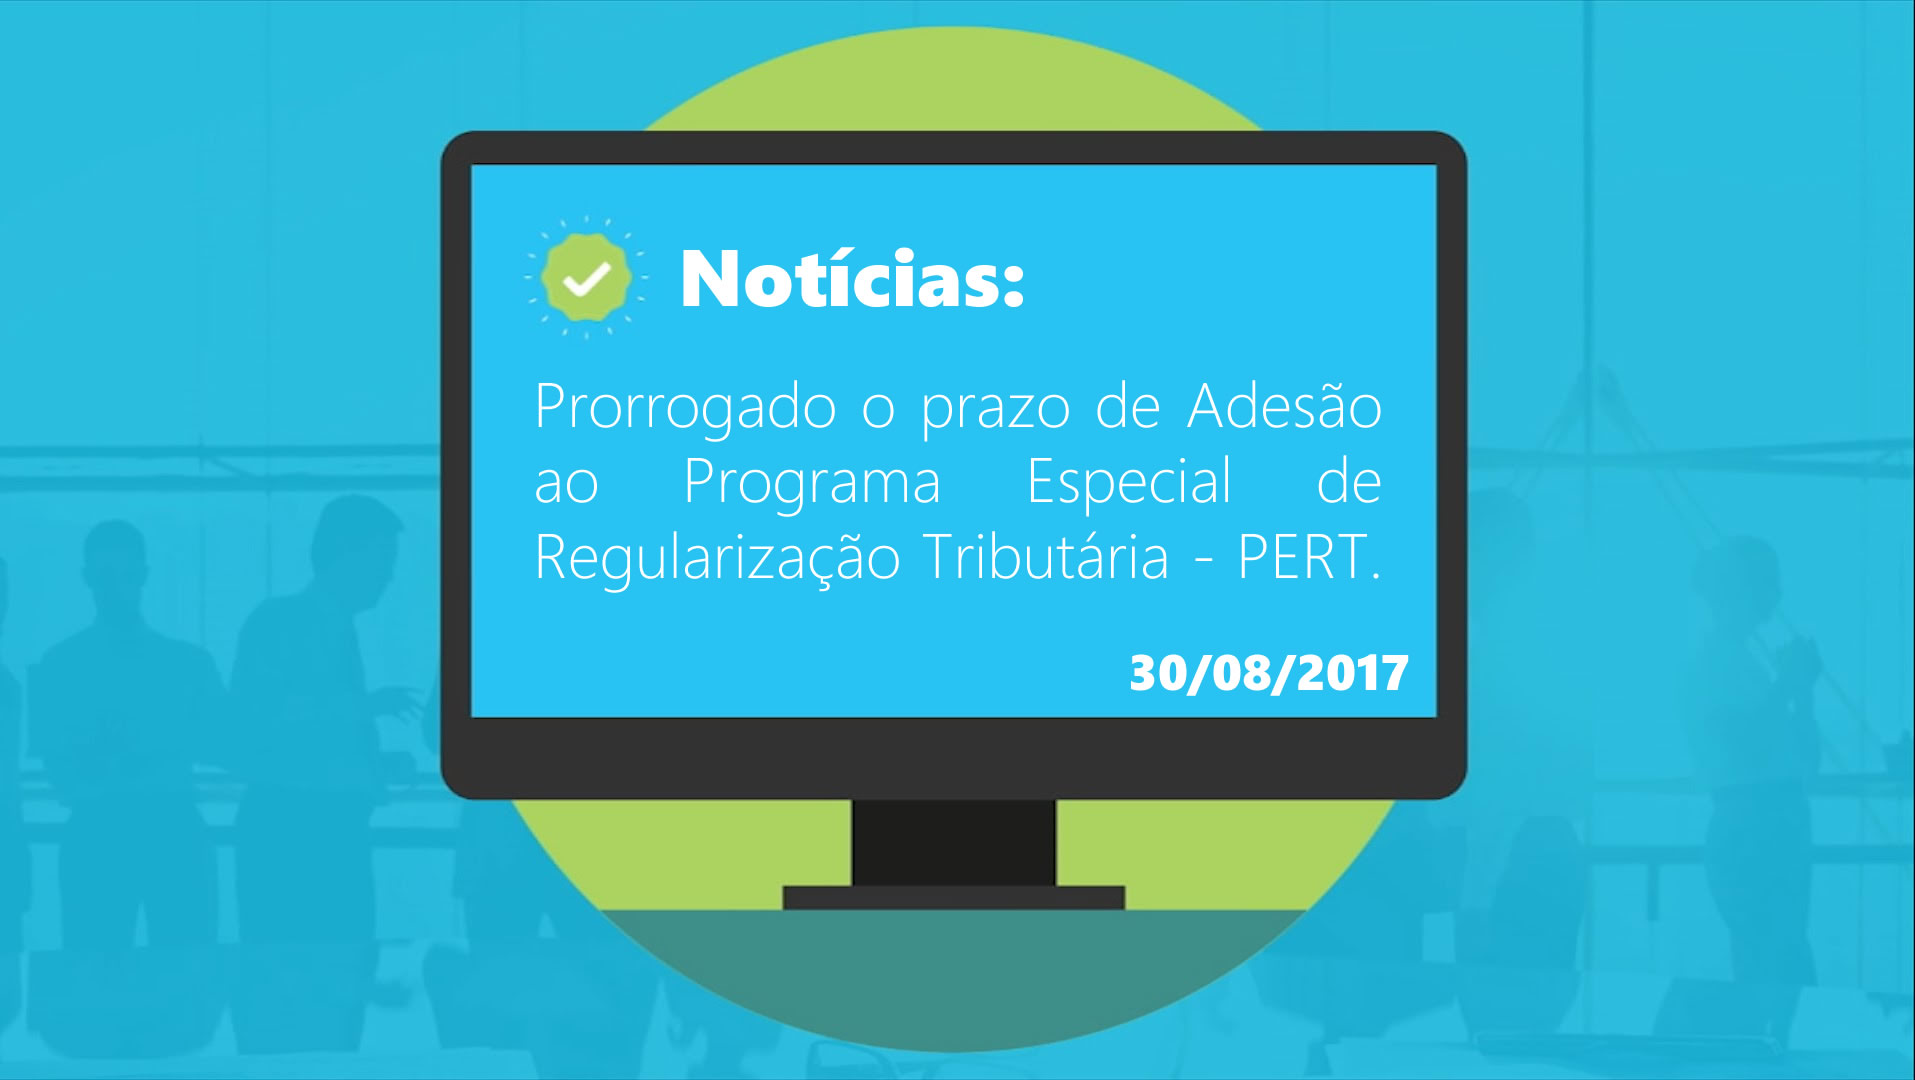 Prorrogado o prazo de Adesão ao Programa Especial de Regularização Tributária - PERT.